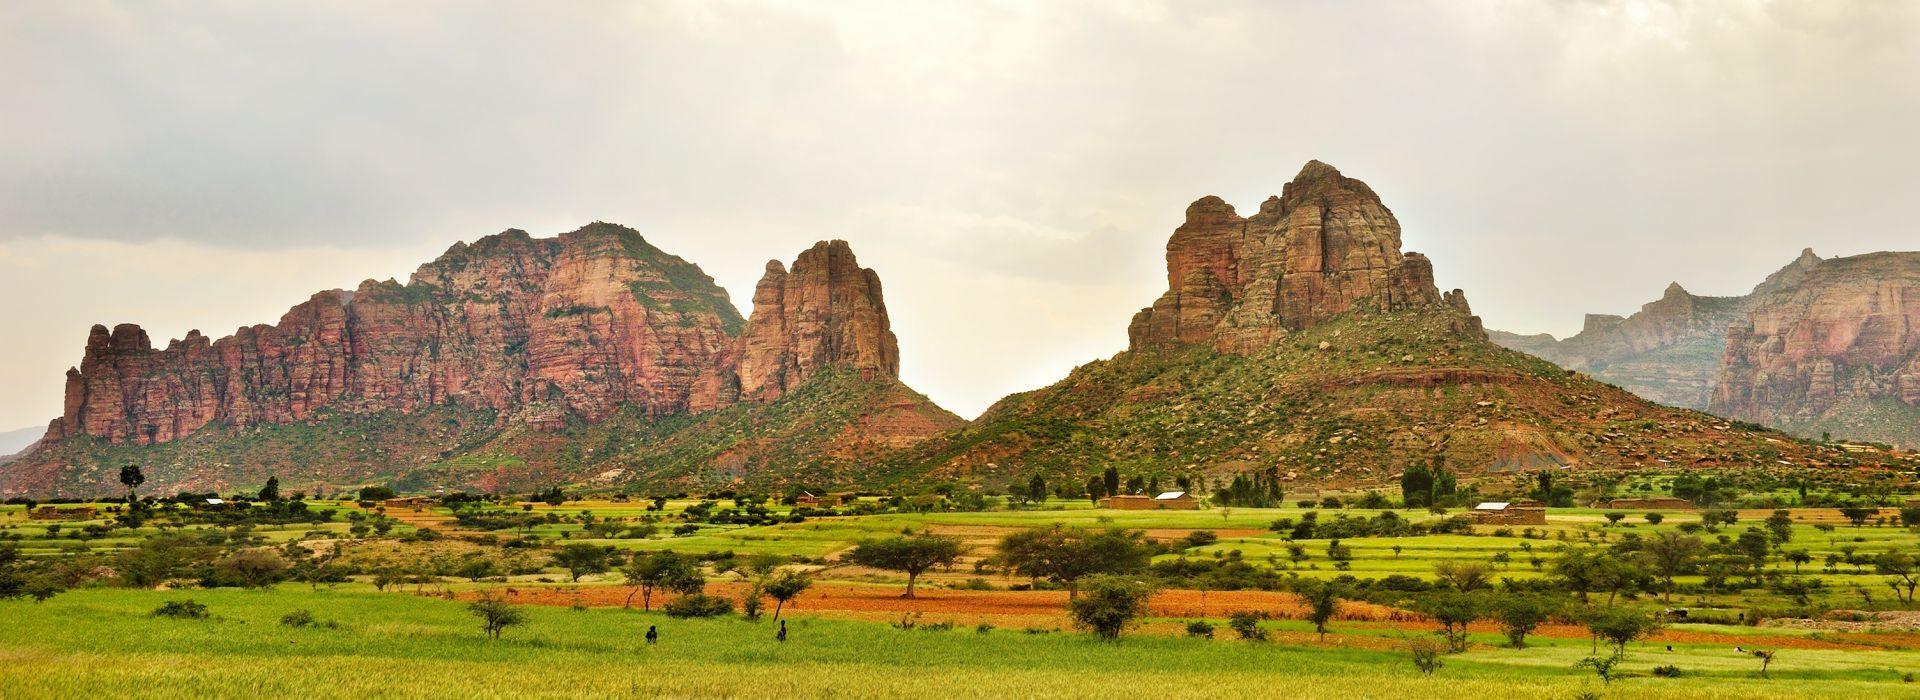 Adventure Tours in Ethiopia